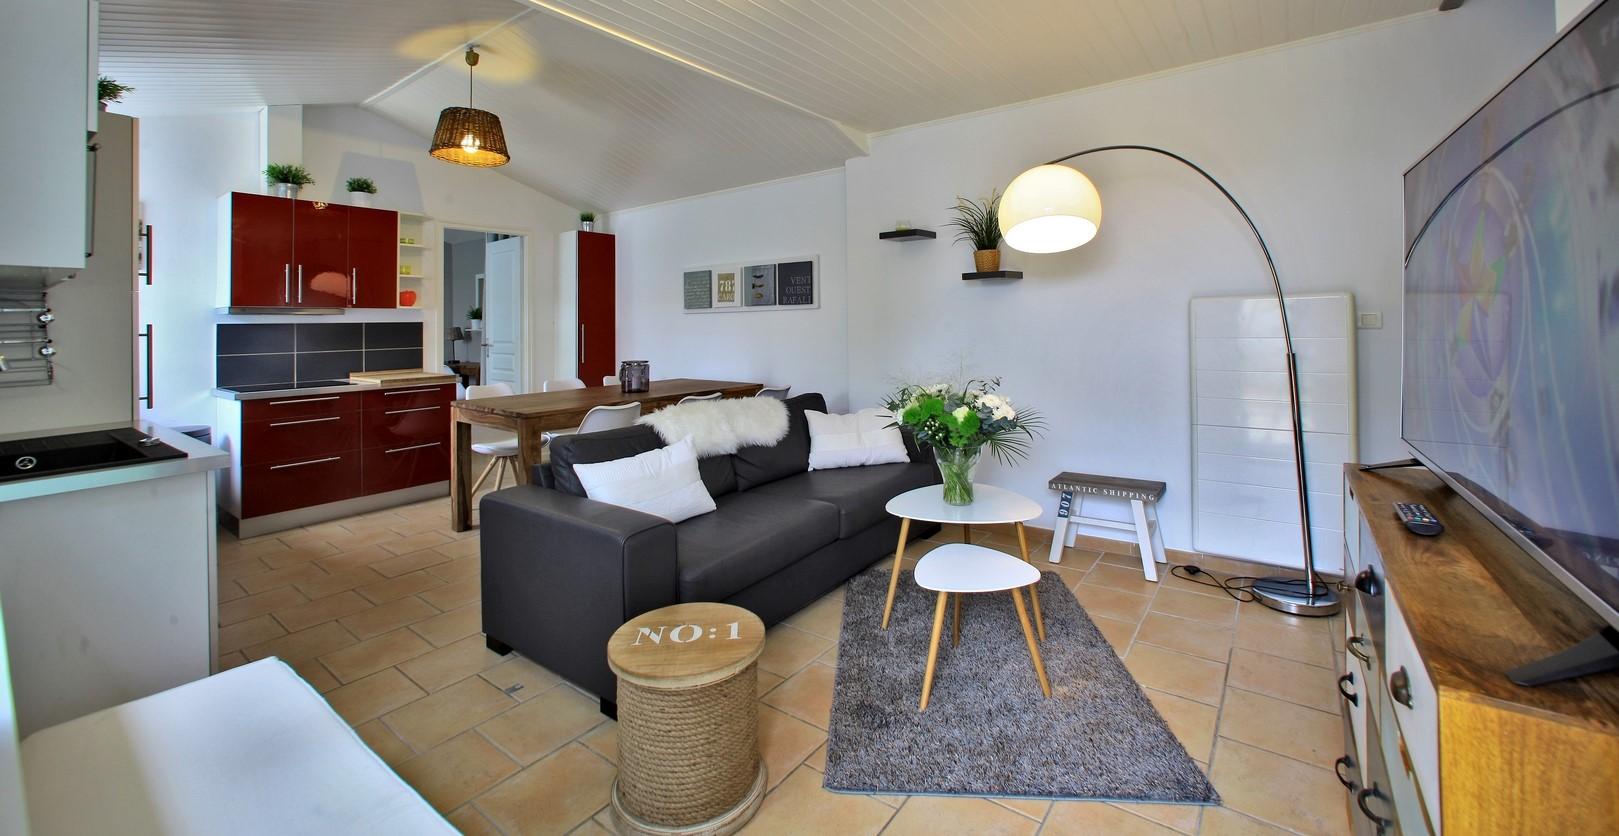 Salon séjour location maison 3 chambres noirmoutier vendée